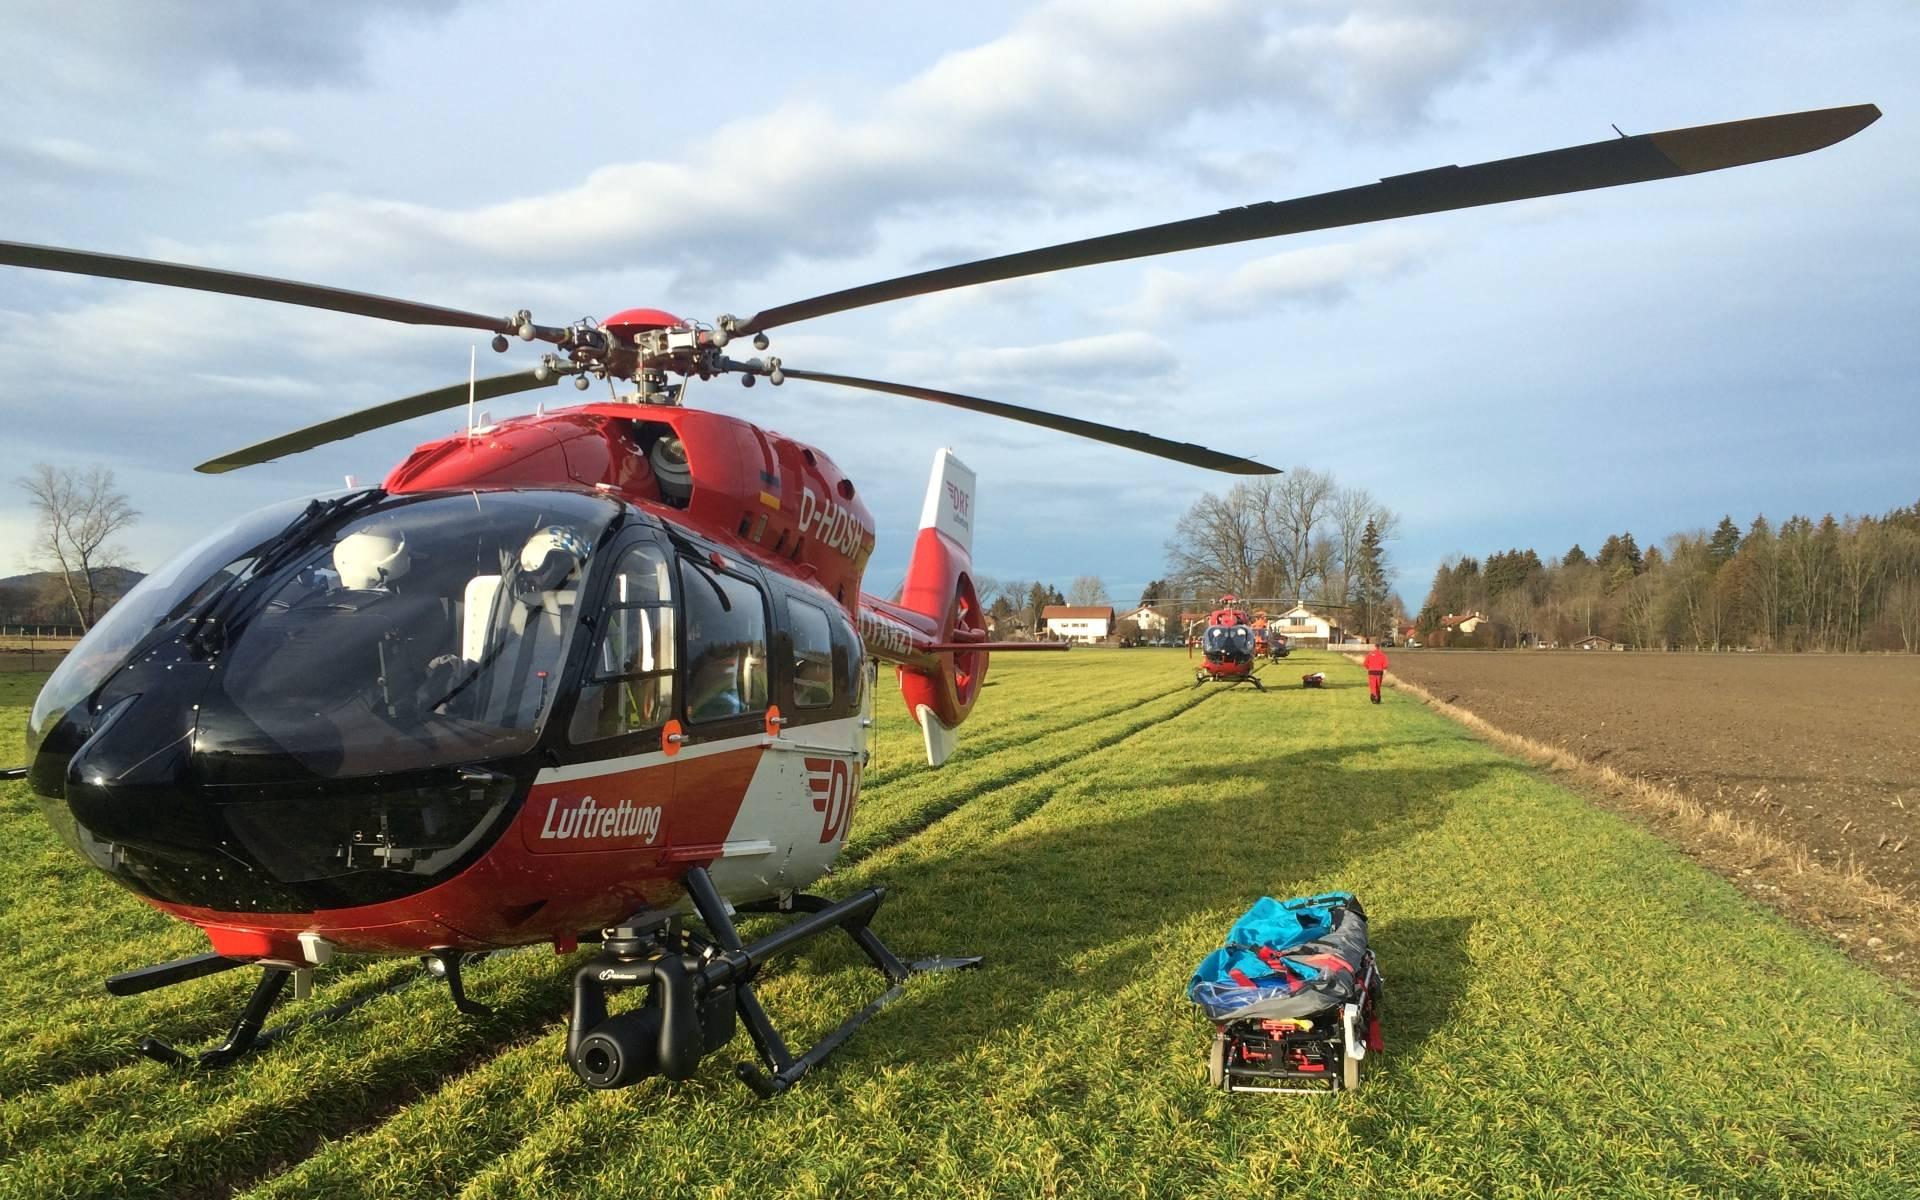 Gekommen um zu helfen: Drei Hubschrauber der DRF Luftrettung waren nach dem schweren Zugunglück in Bad Aibling im Einsatz.